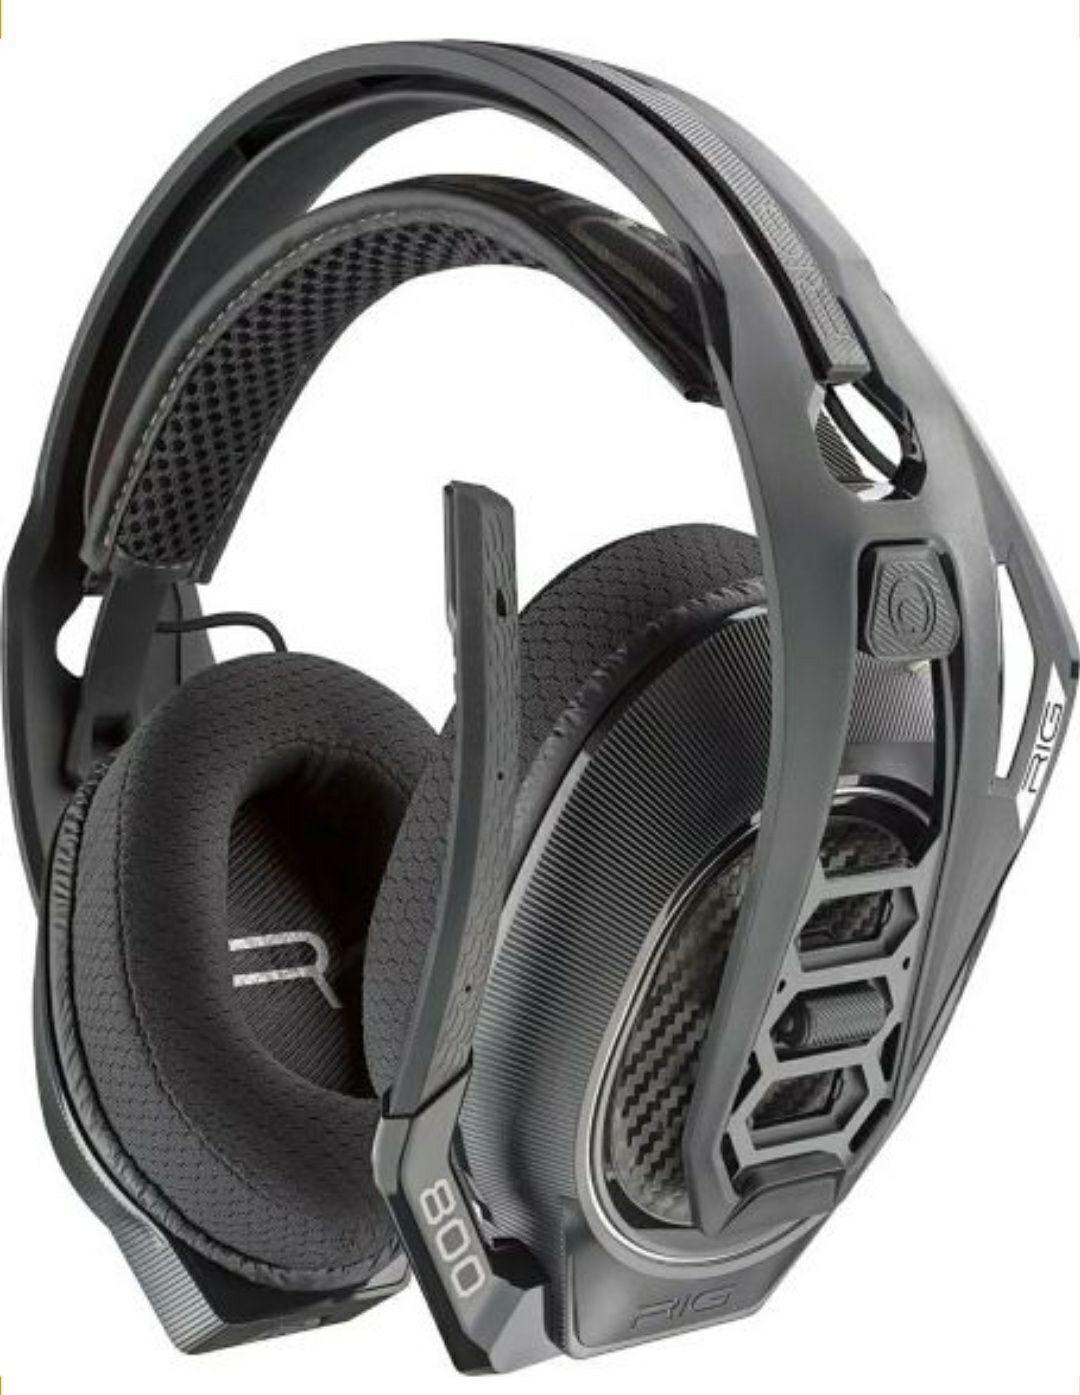 Casque audio Plantronics RIG 800LX - avec micro (+ 3.84€ en Rakuten Points) - Boulanger